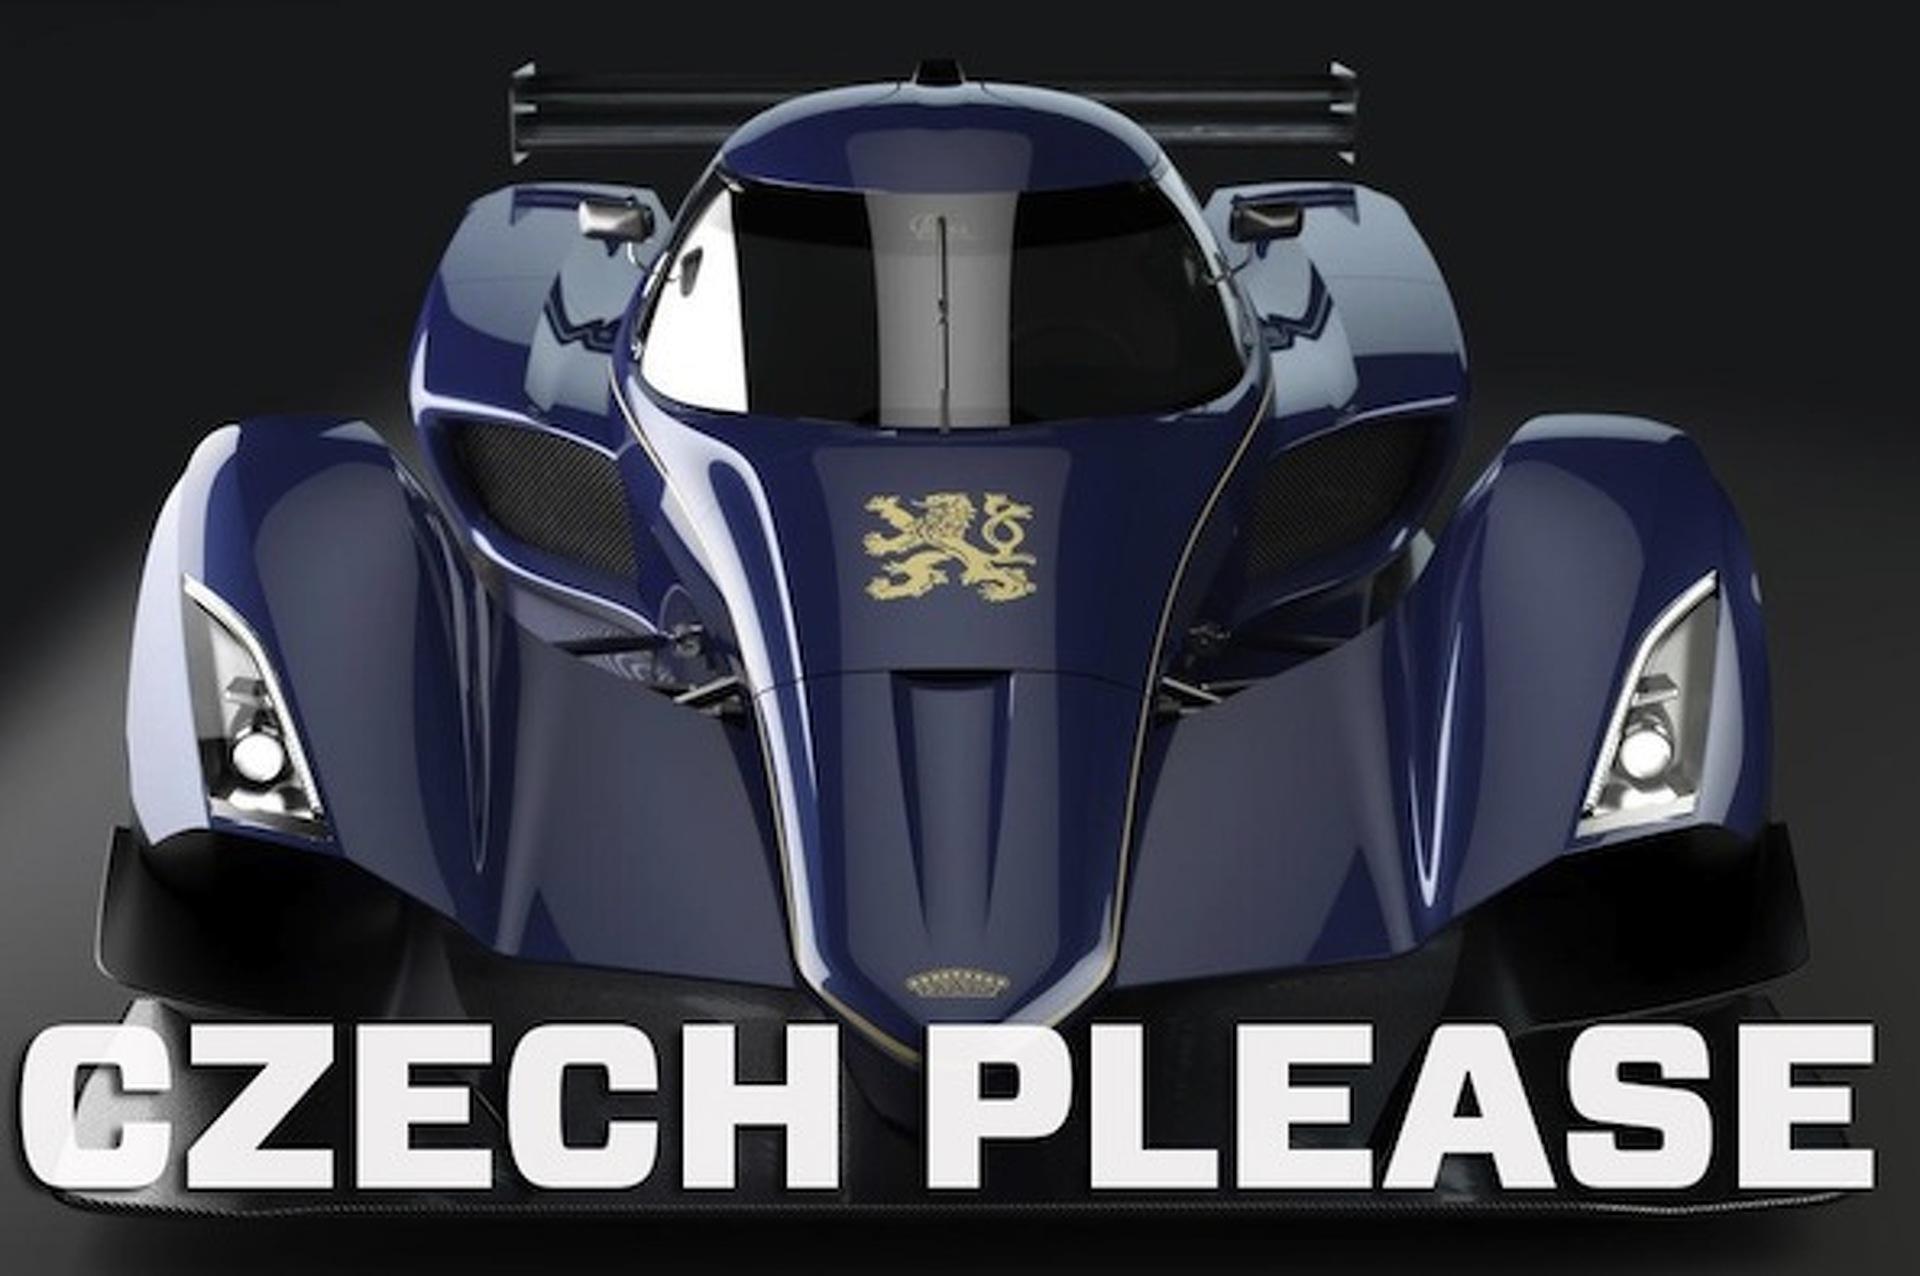 Feast Your Eyes On Praga's R1 Track Car